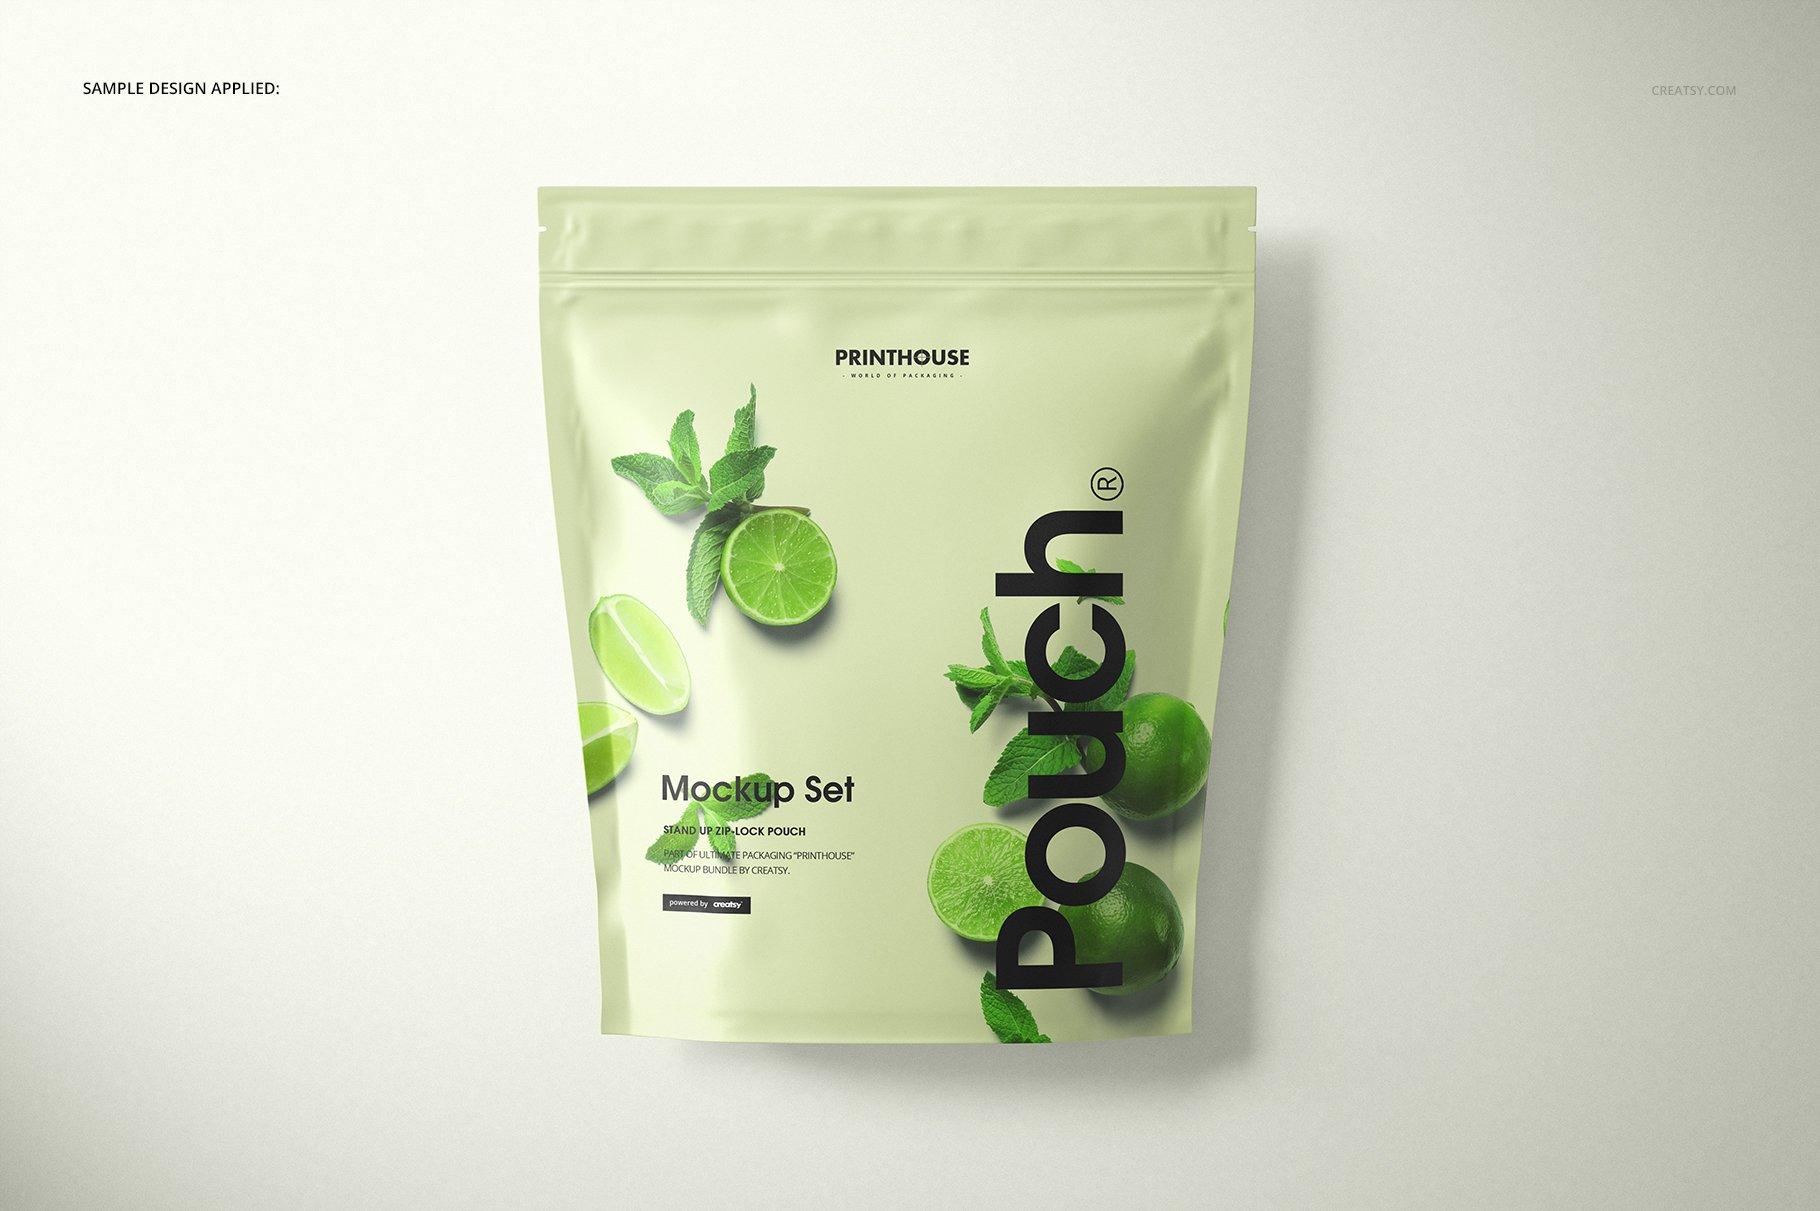 自立袋拉链锁自封袋塑料袋设计展示样机模板合集 Stand Up Zip Lock Pouch Mockup Set 3插图(6)